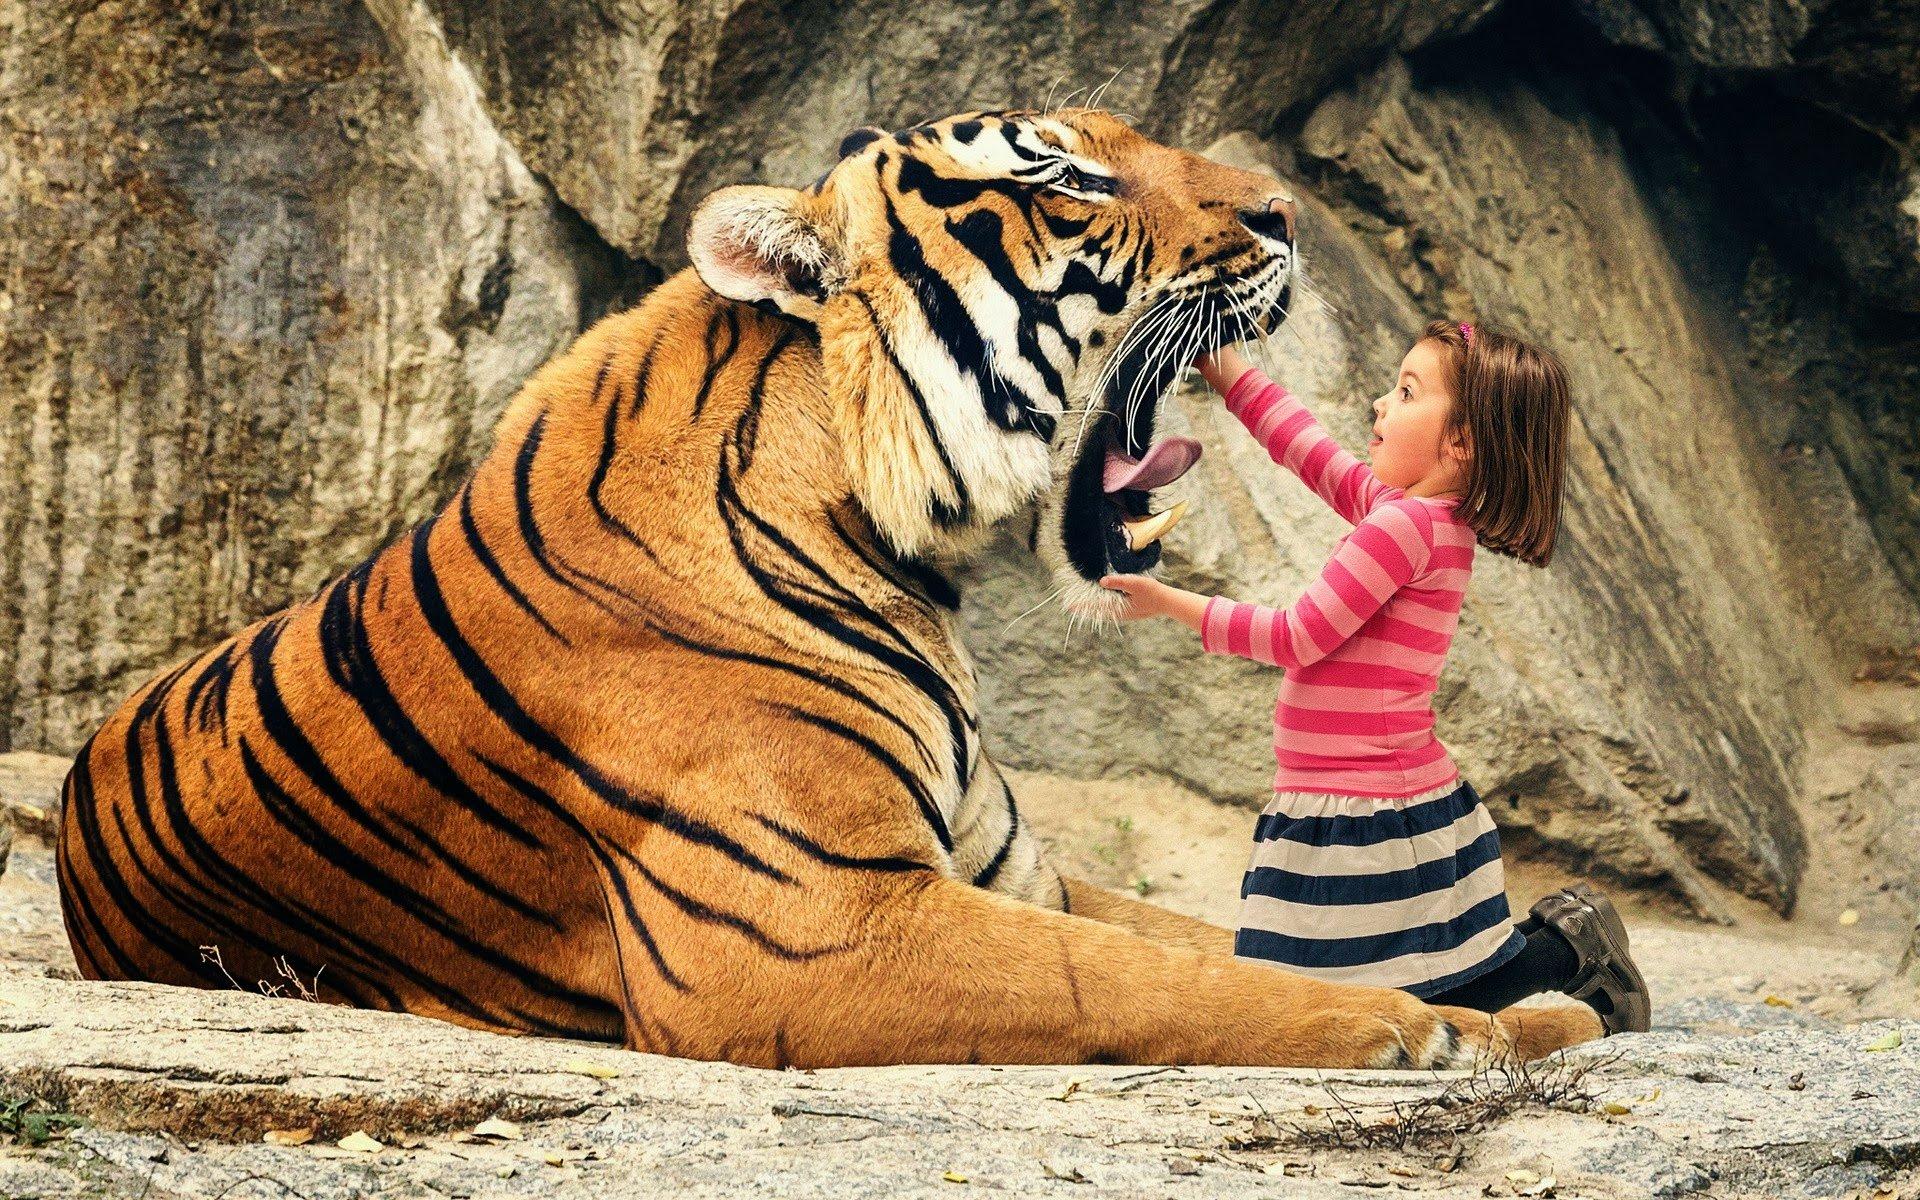 самые красивые картинки с человеком и животными